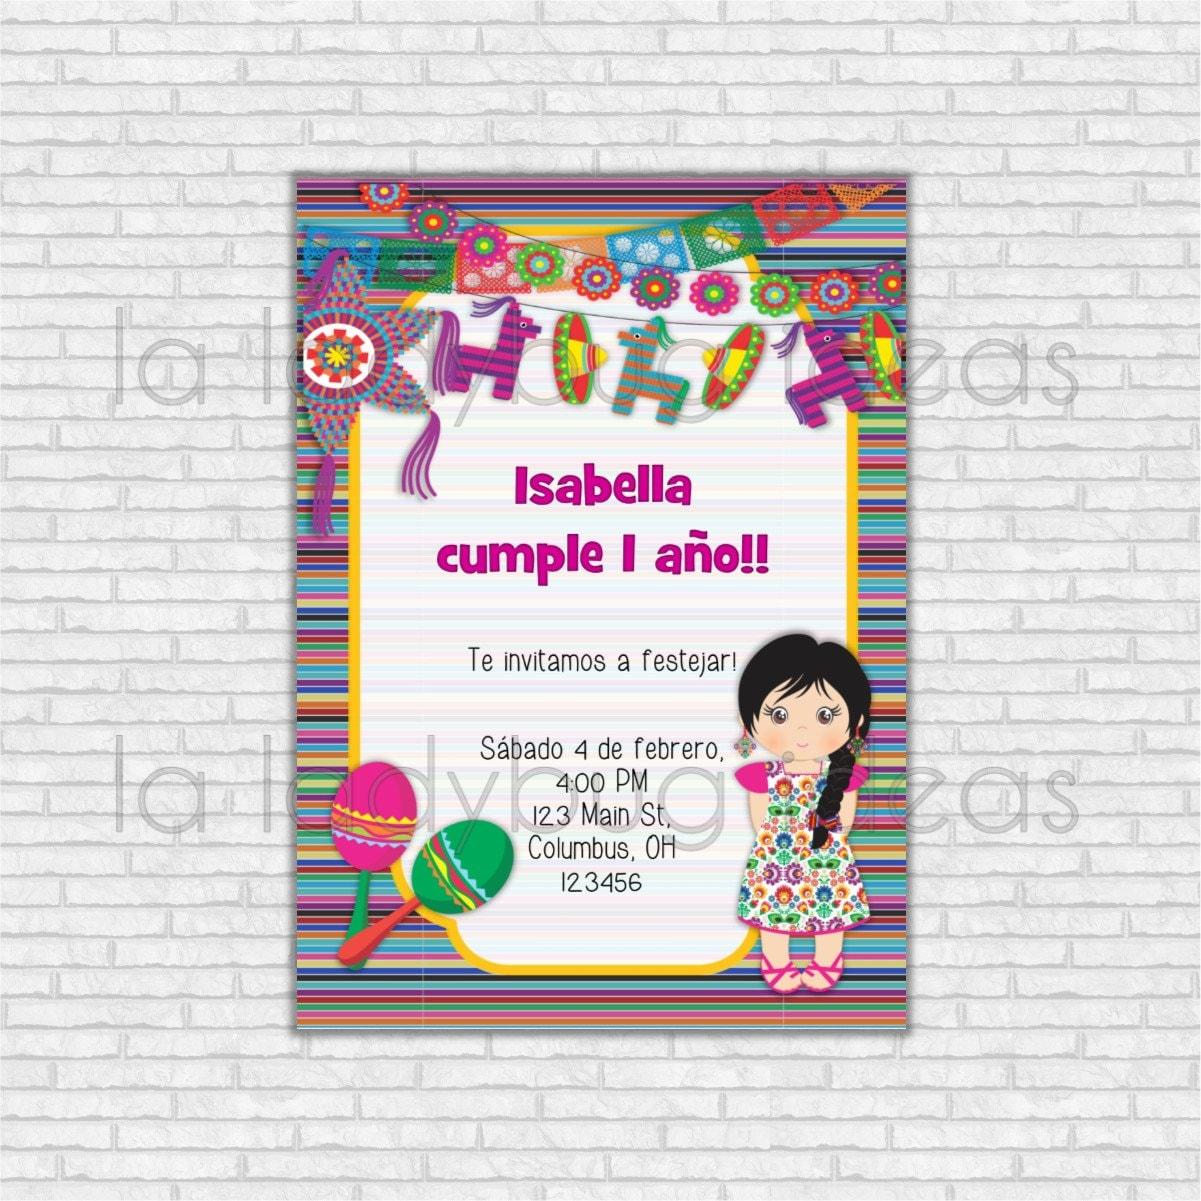 Invitación de cumpleaños fiesta mexicana para imprimir